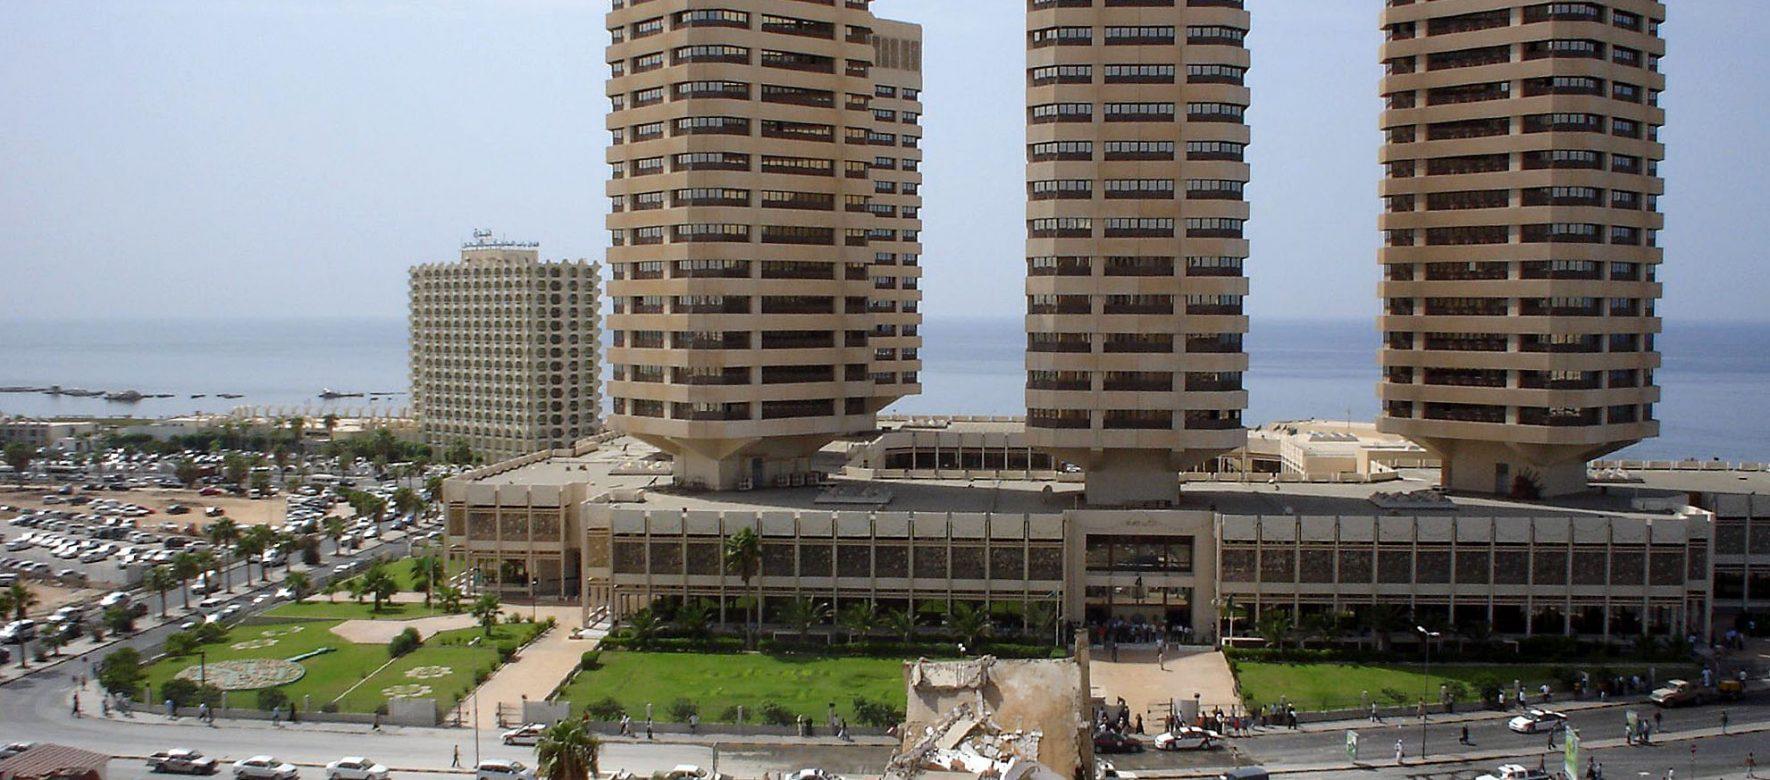 Libye : Selon la Banque centrale, l'excédent courant de la Libye serait passé de 23,5% du PIB en 2018 à 2,4% du PIB en 2019